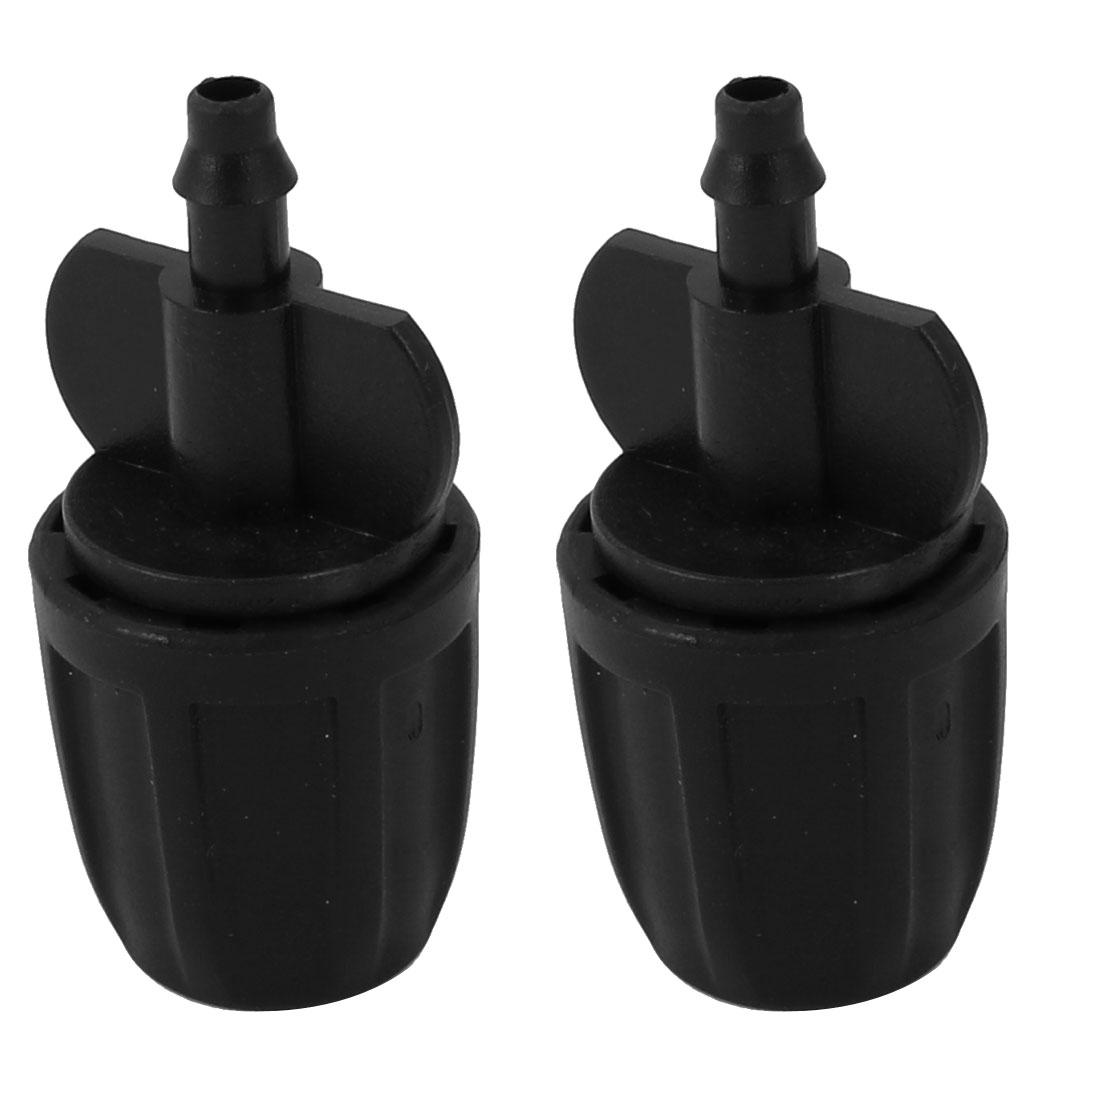 Garden Hose Nozzle Splitter 8/11 mm Single Way Barb Hose Connector Black 2pcs